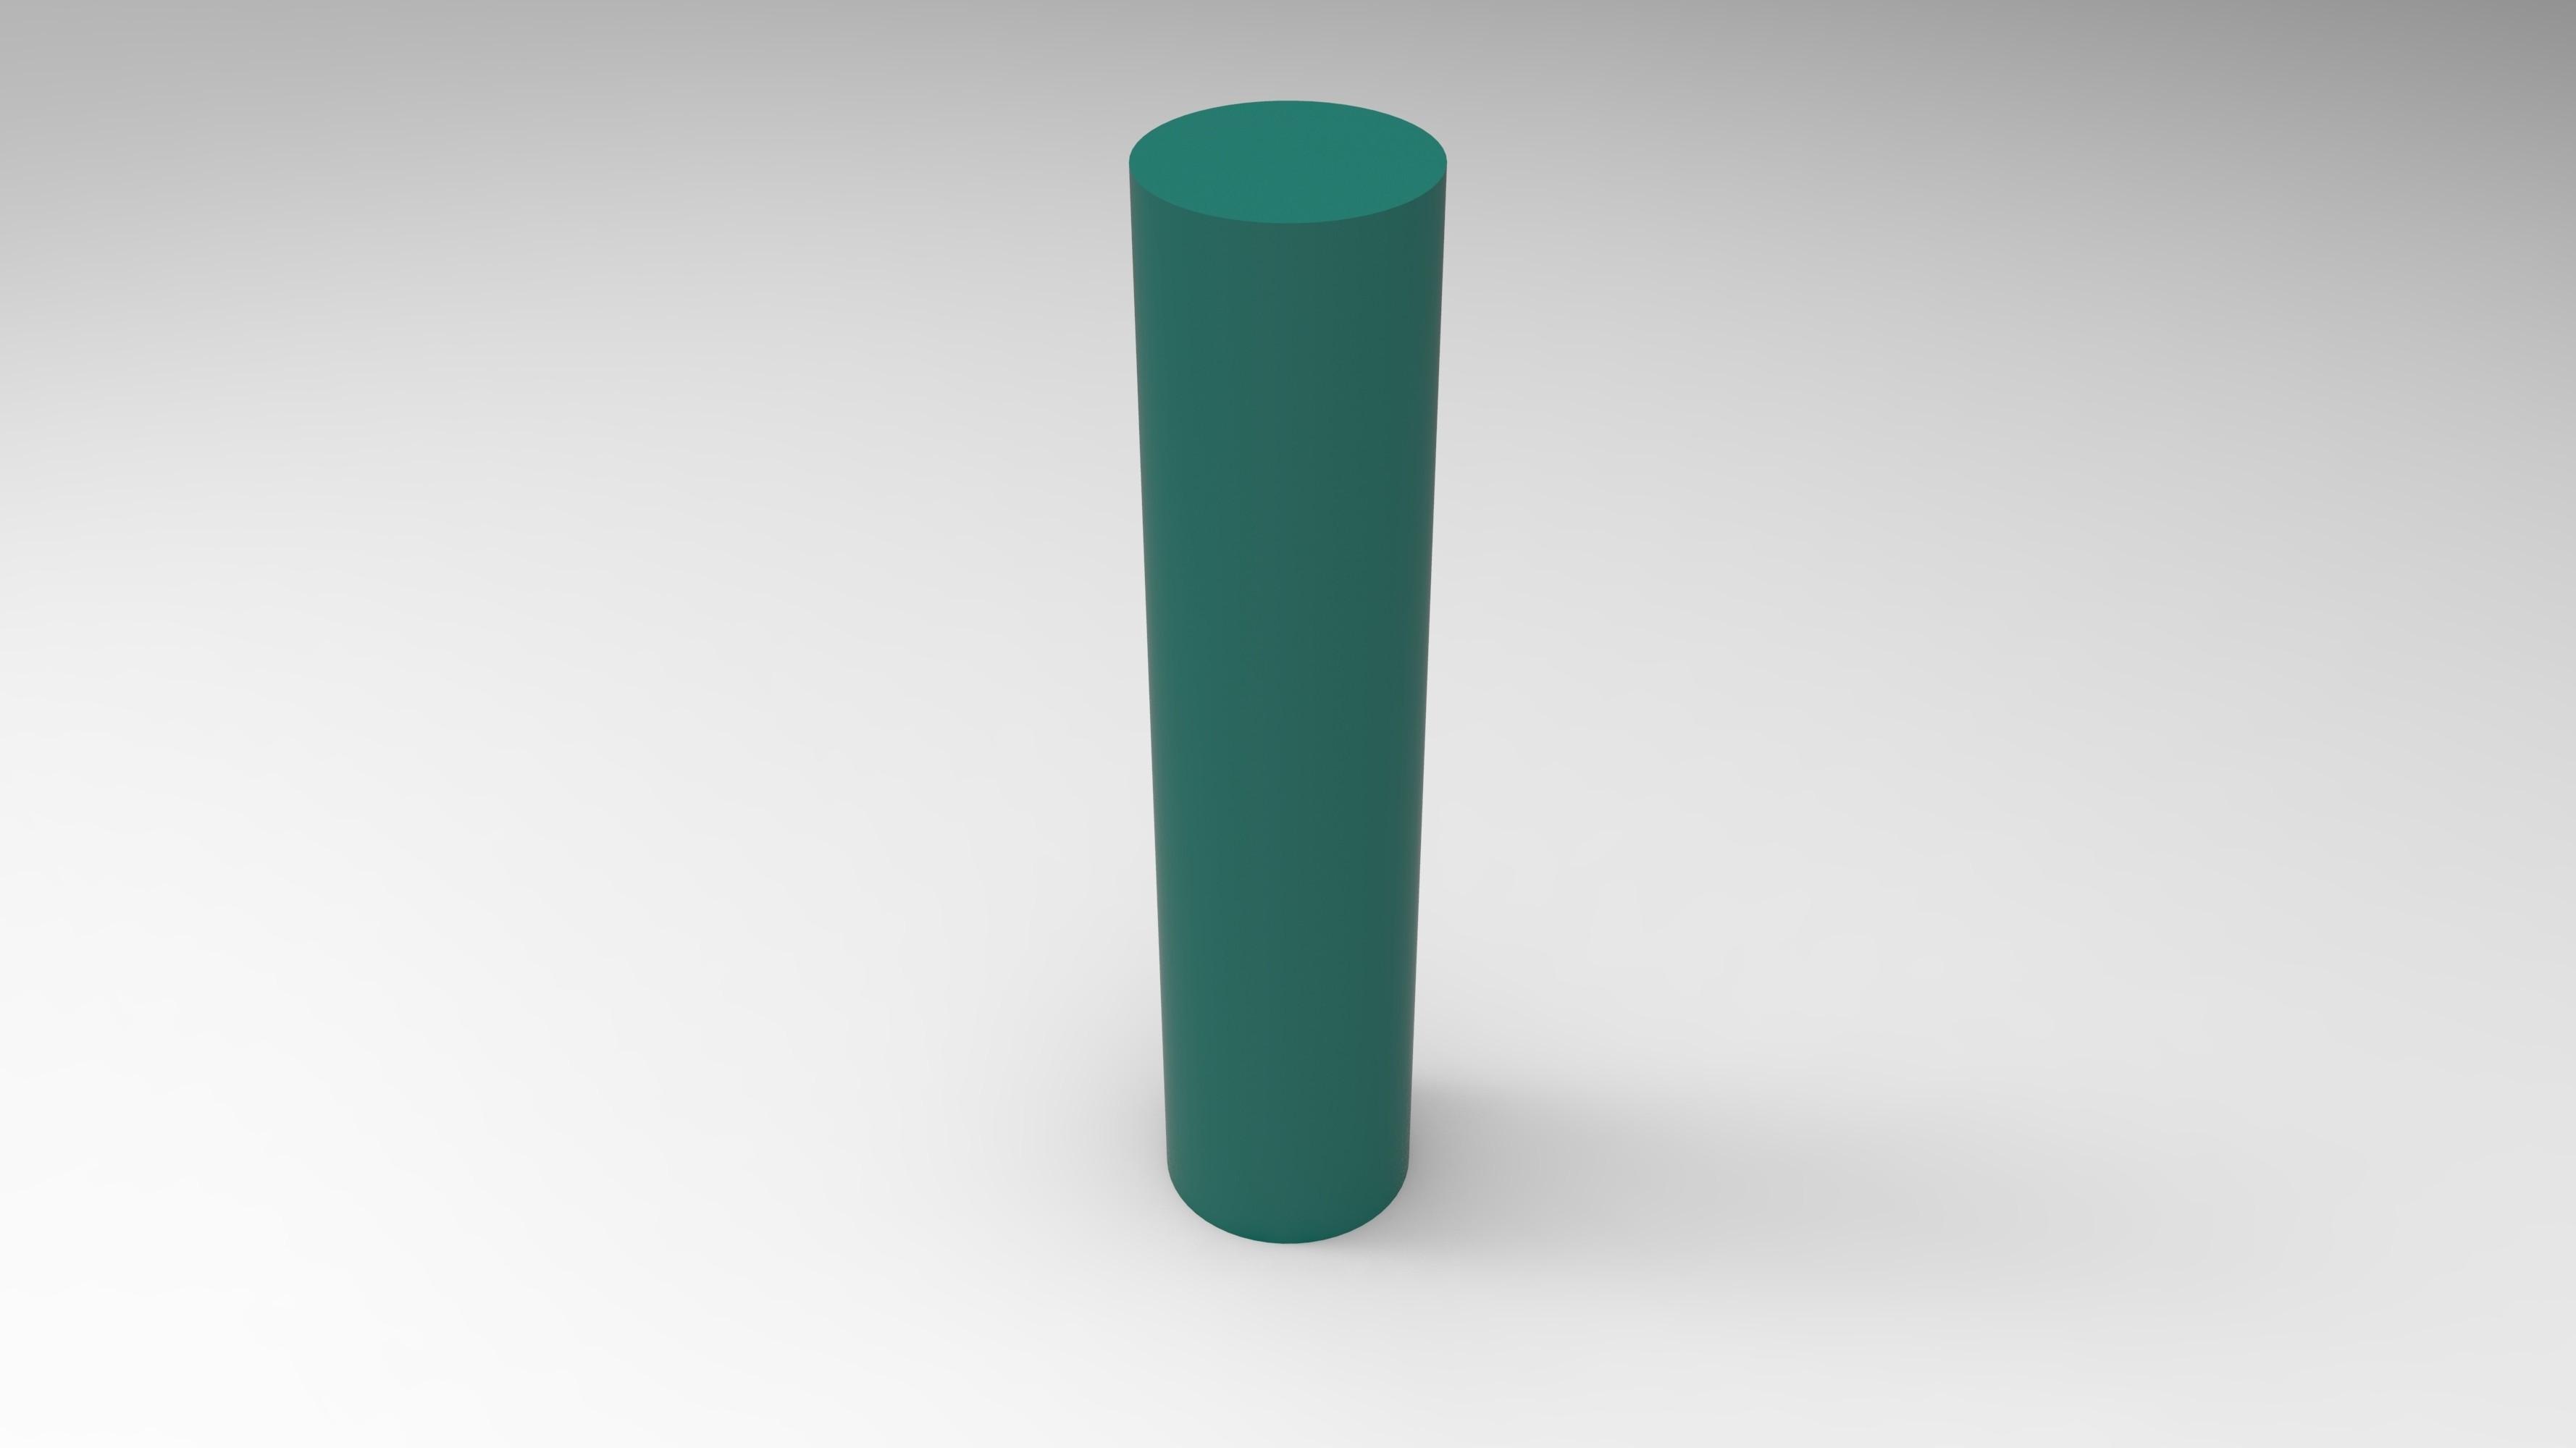 rendu vert pied.jpg Télécharger fichier STL Meuble pour ordinateur avec porte carte sd, micro sd et clef USB • Design imprimable en 3D, GuilhemPerroud